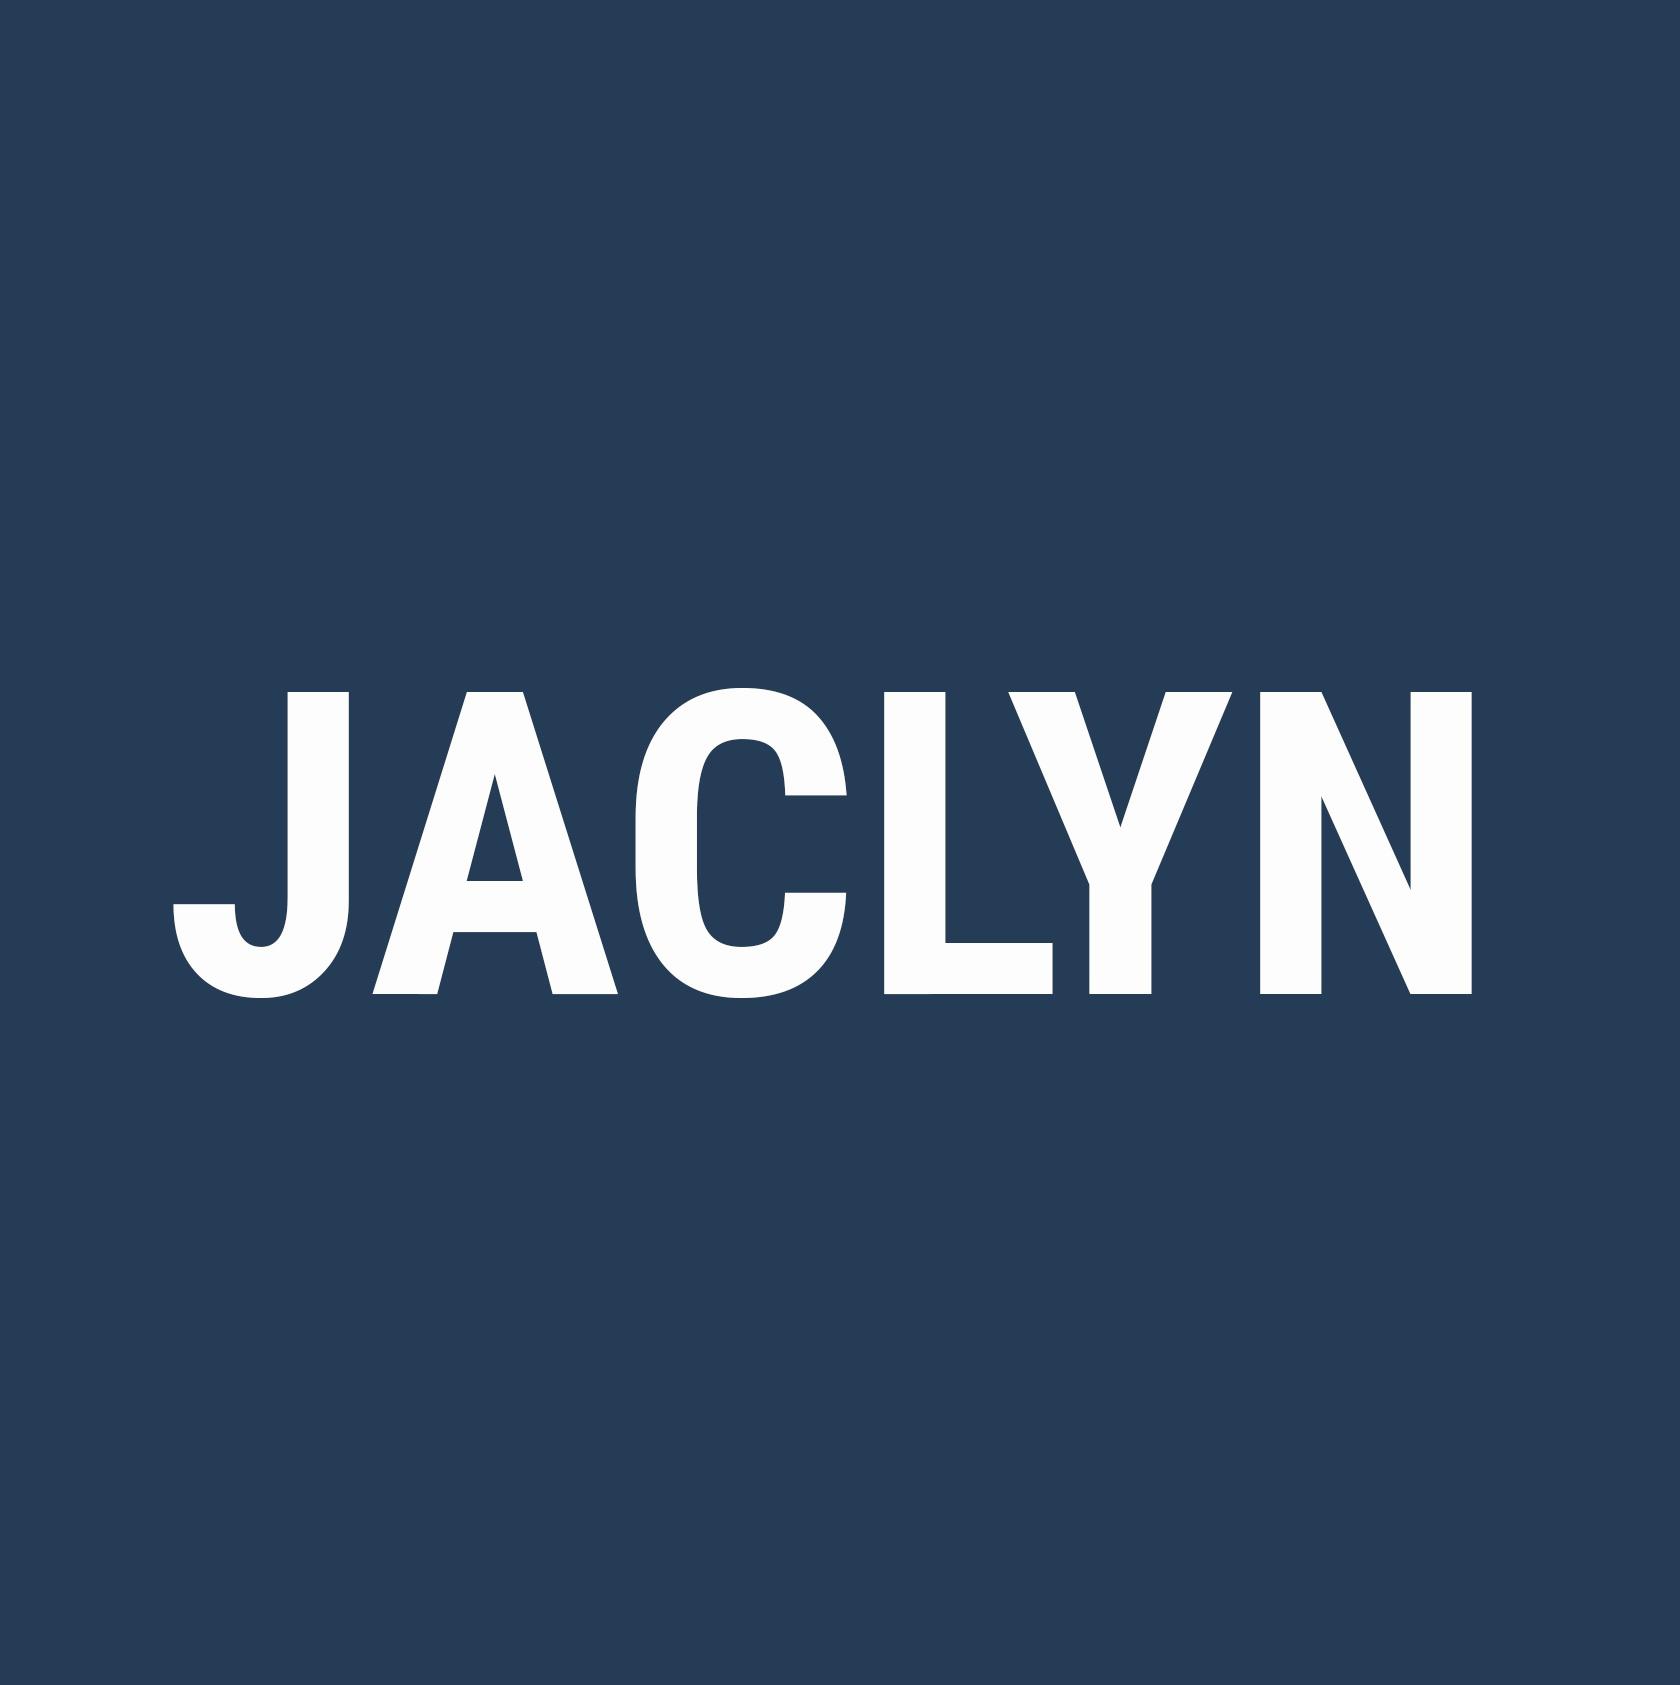 <p>Jaclyn</p>, <p>1:1 Client</p>